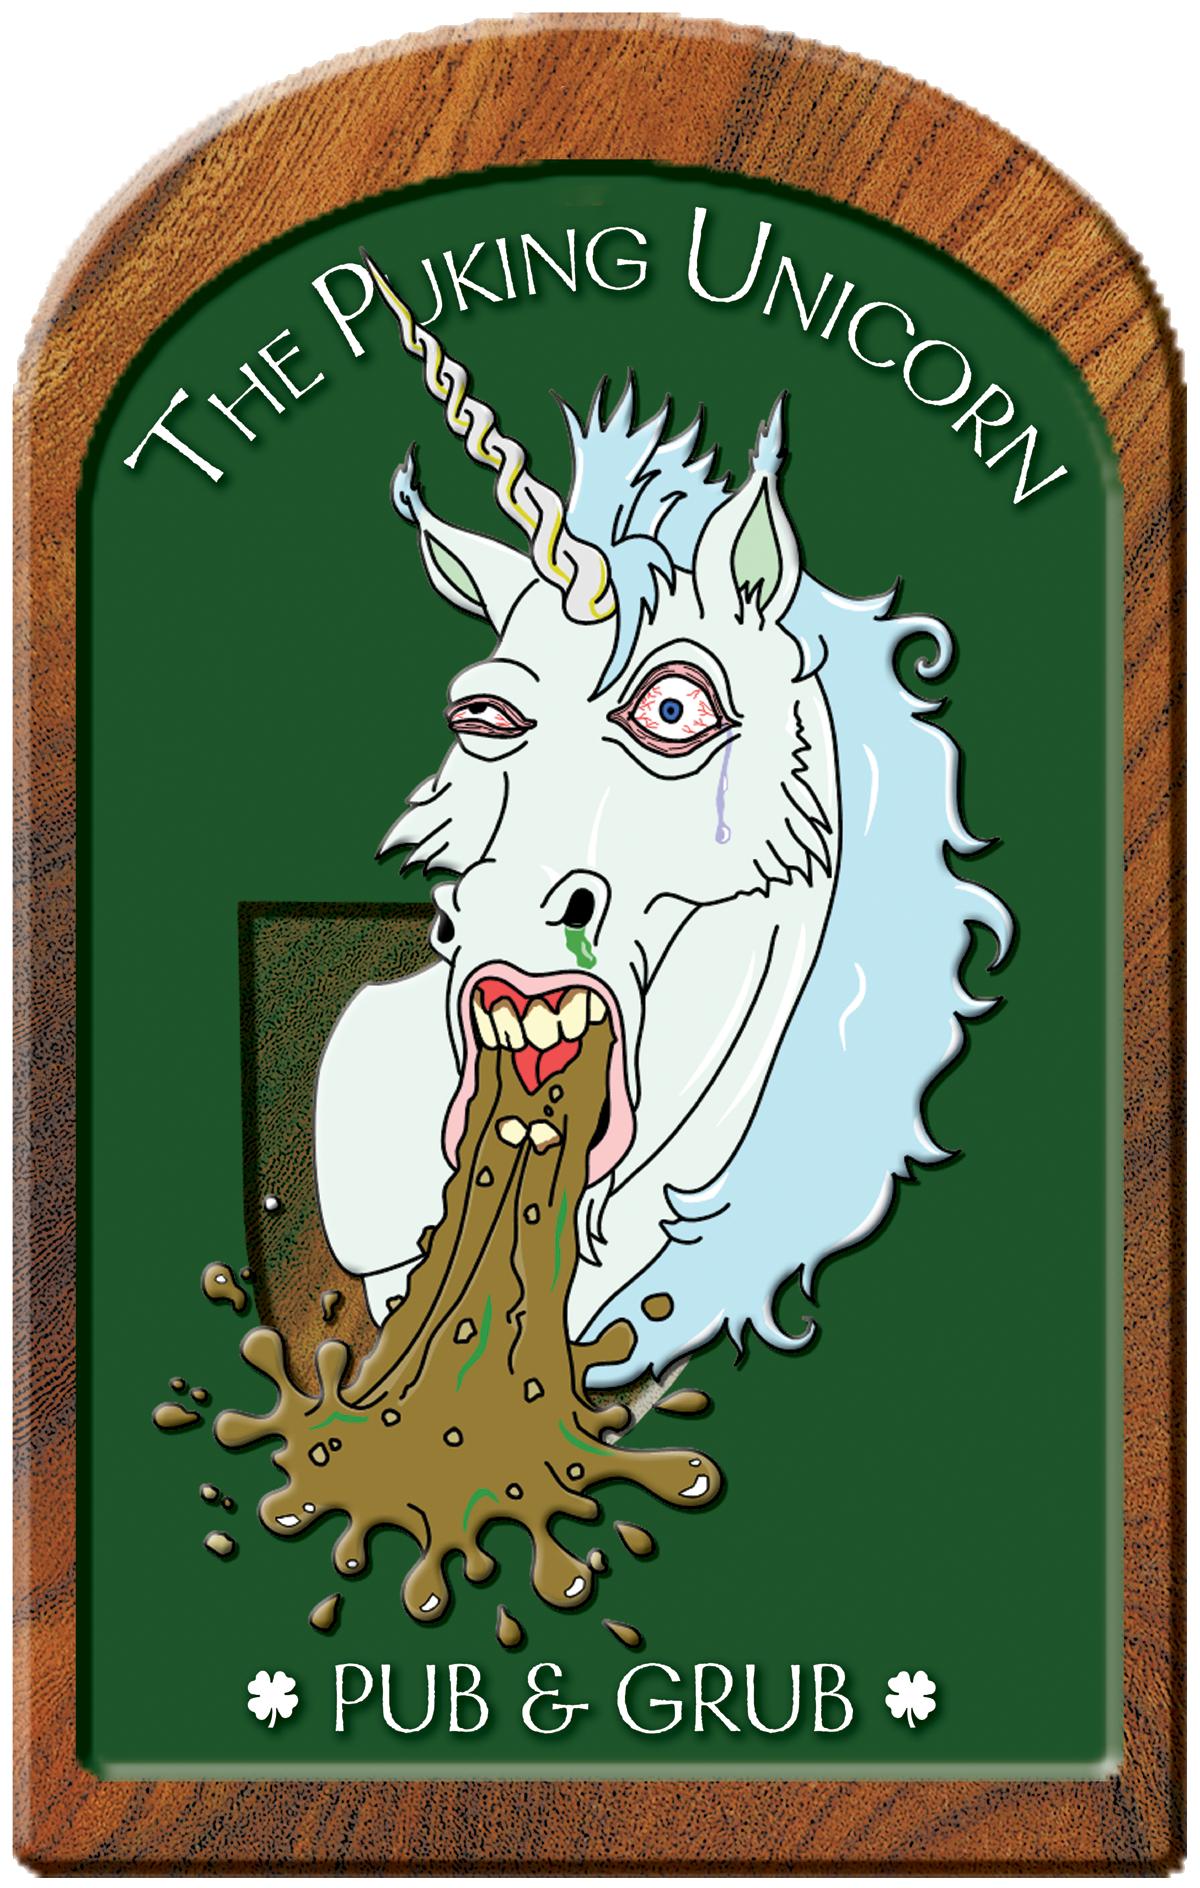 Puking Unicorn